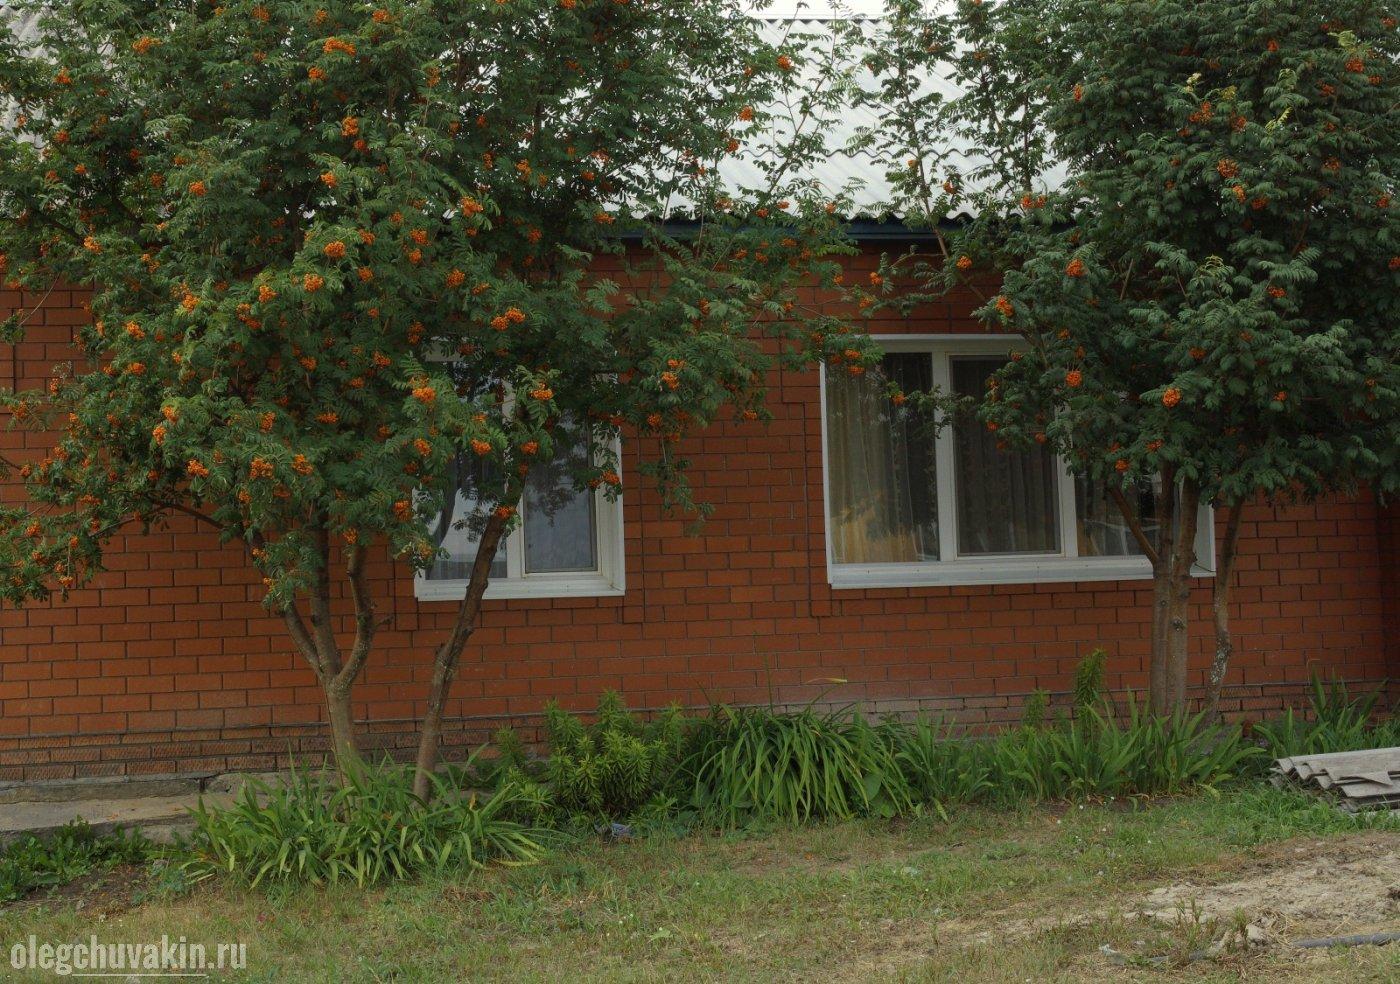 Дом, Олег Чувакин, писатель, 2012 и 2013 годы, Пономарёво, Заводоуковский район